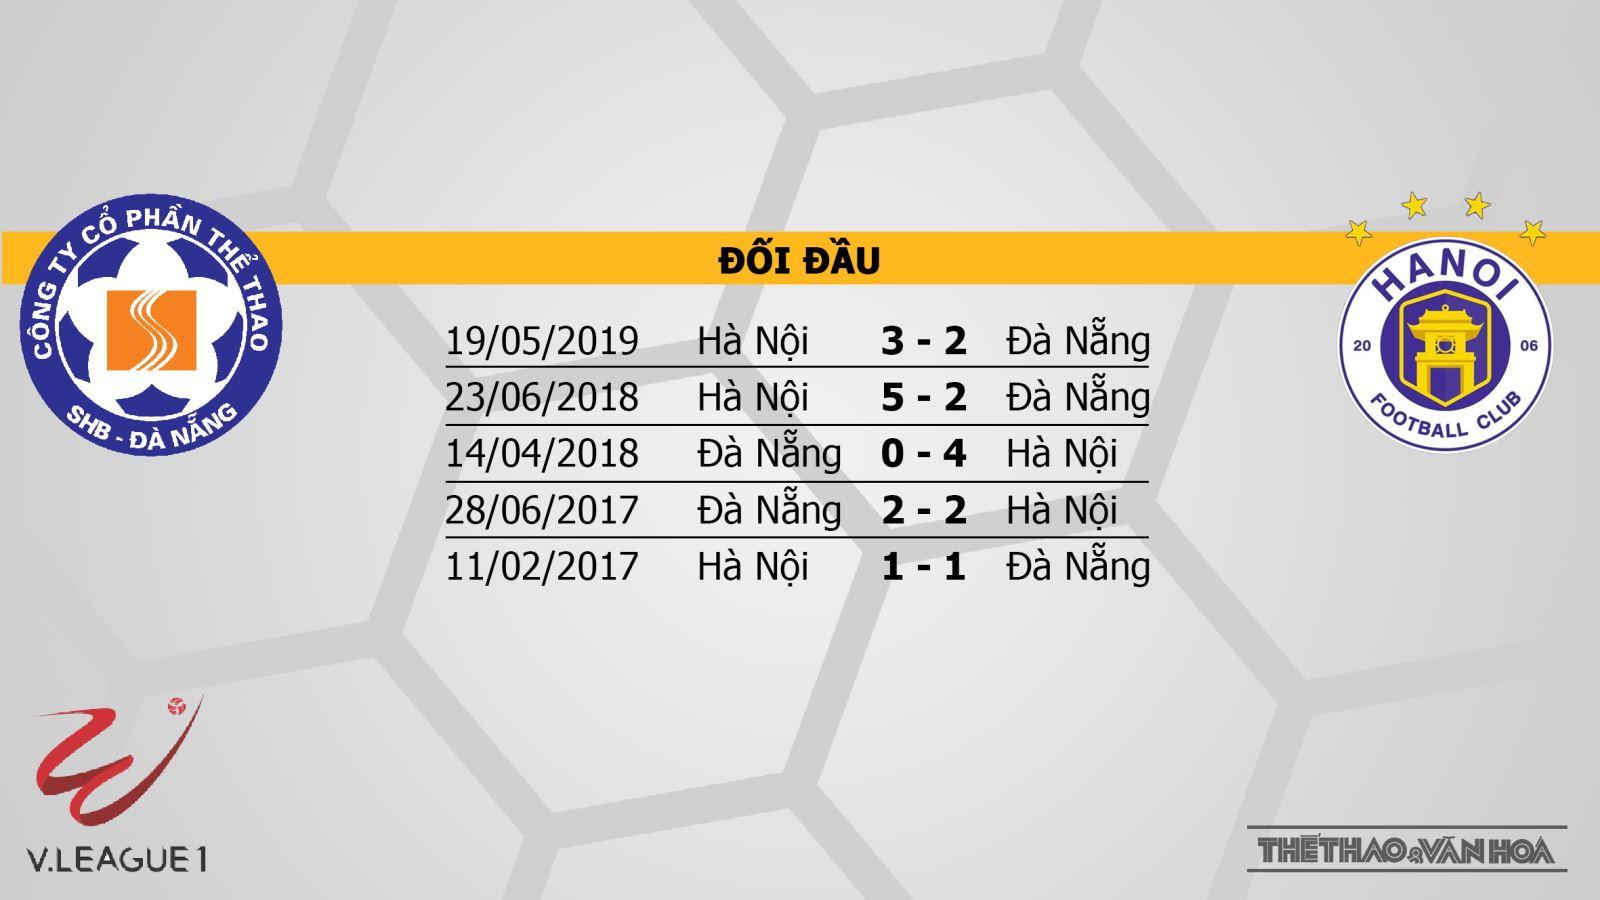 truc tiep bong da hôm nay, Đà Nẵng đấu với Hà Nội T&T, trực tiếp bóng đá, Đà Nẵng vs Hà Nội, V League, Hà Nội FC, VTV6, xem trực tuyến, bóng đá TV, BĐTV, FPT Play, TTTV